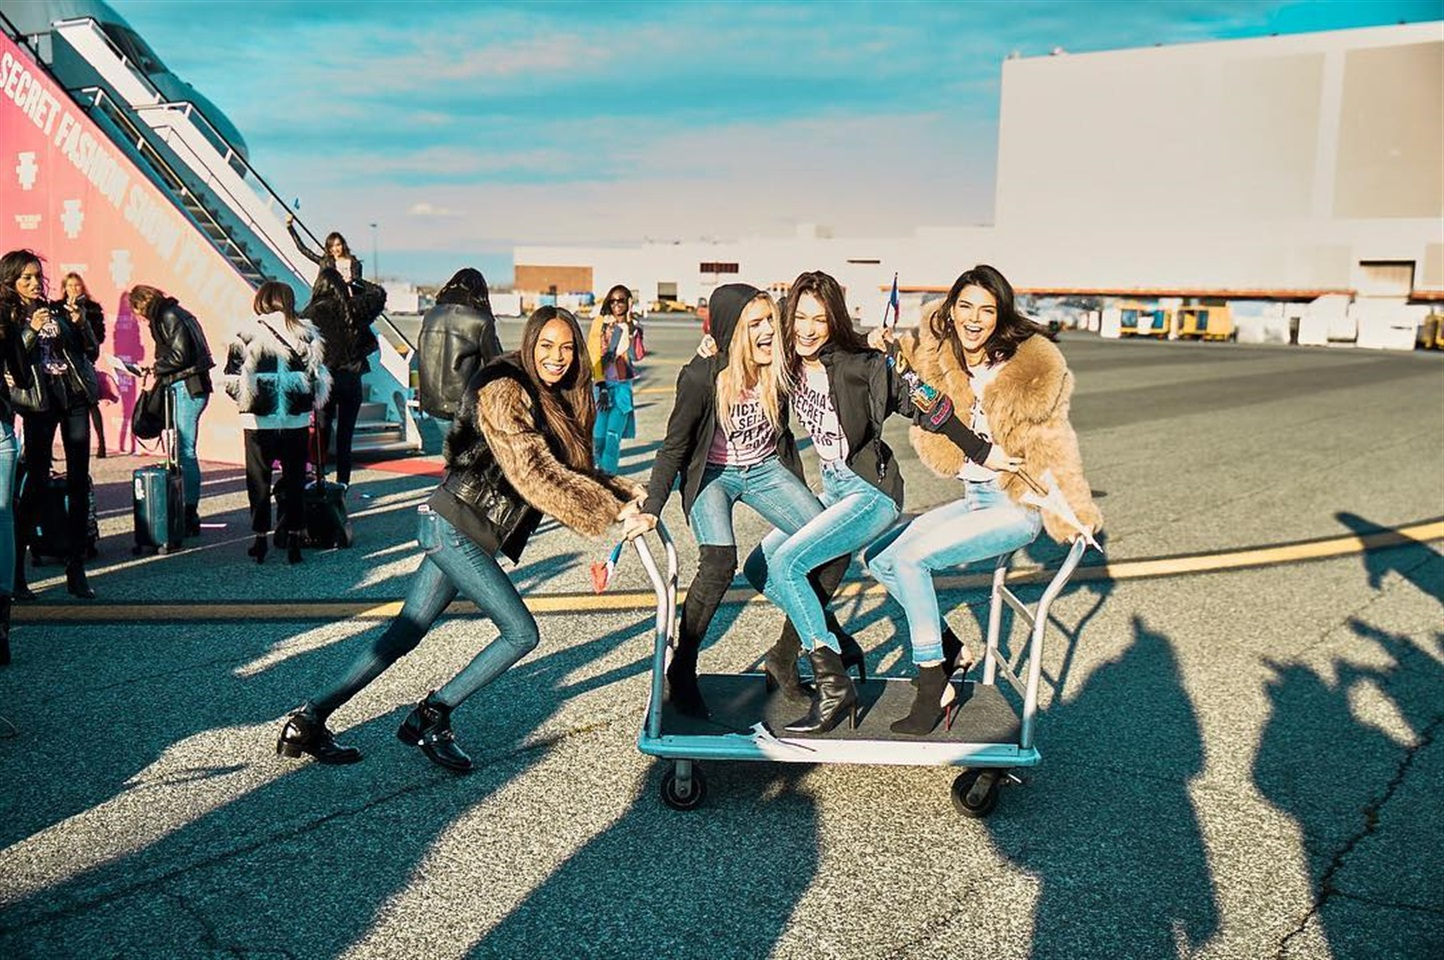 Gli angeli di Victoria's Secret conquistano Parigi: tutto pronto per sfilata